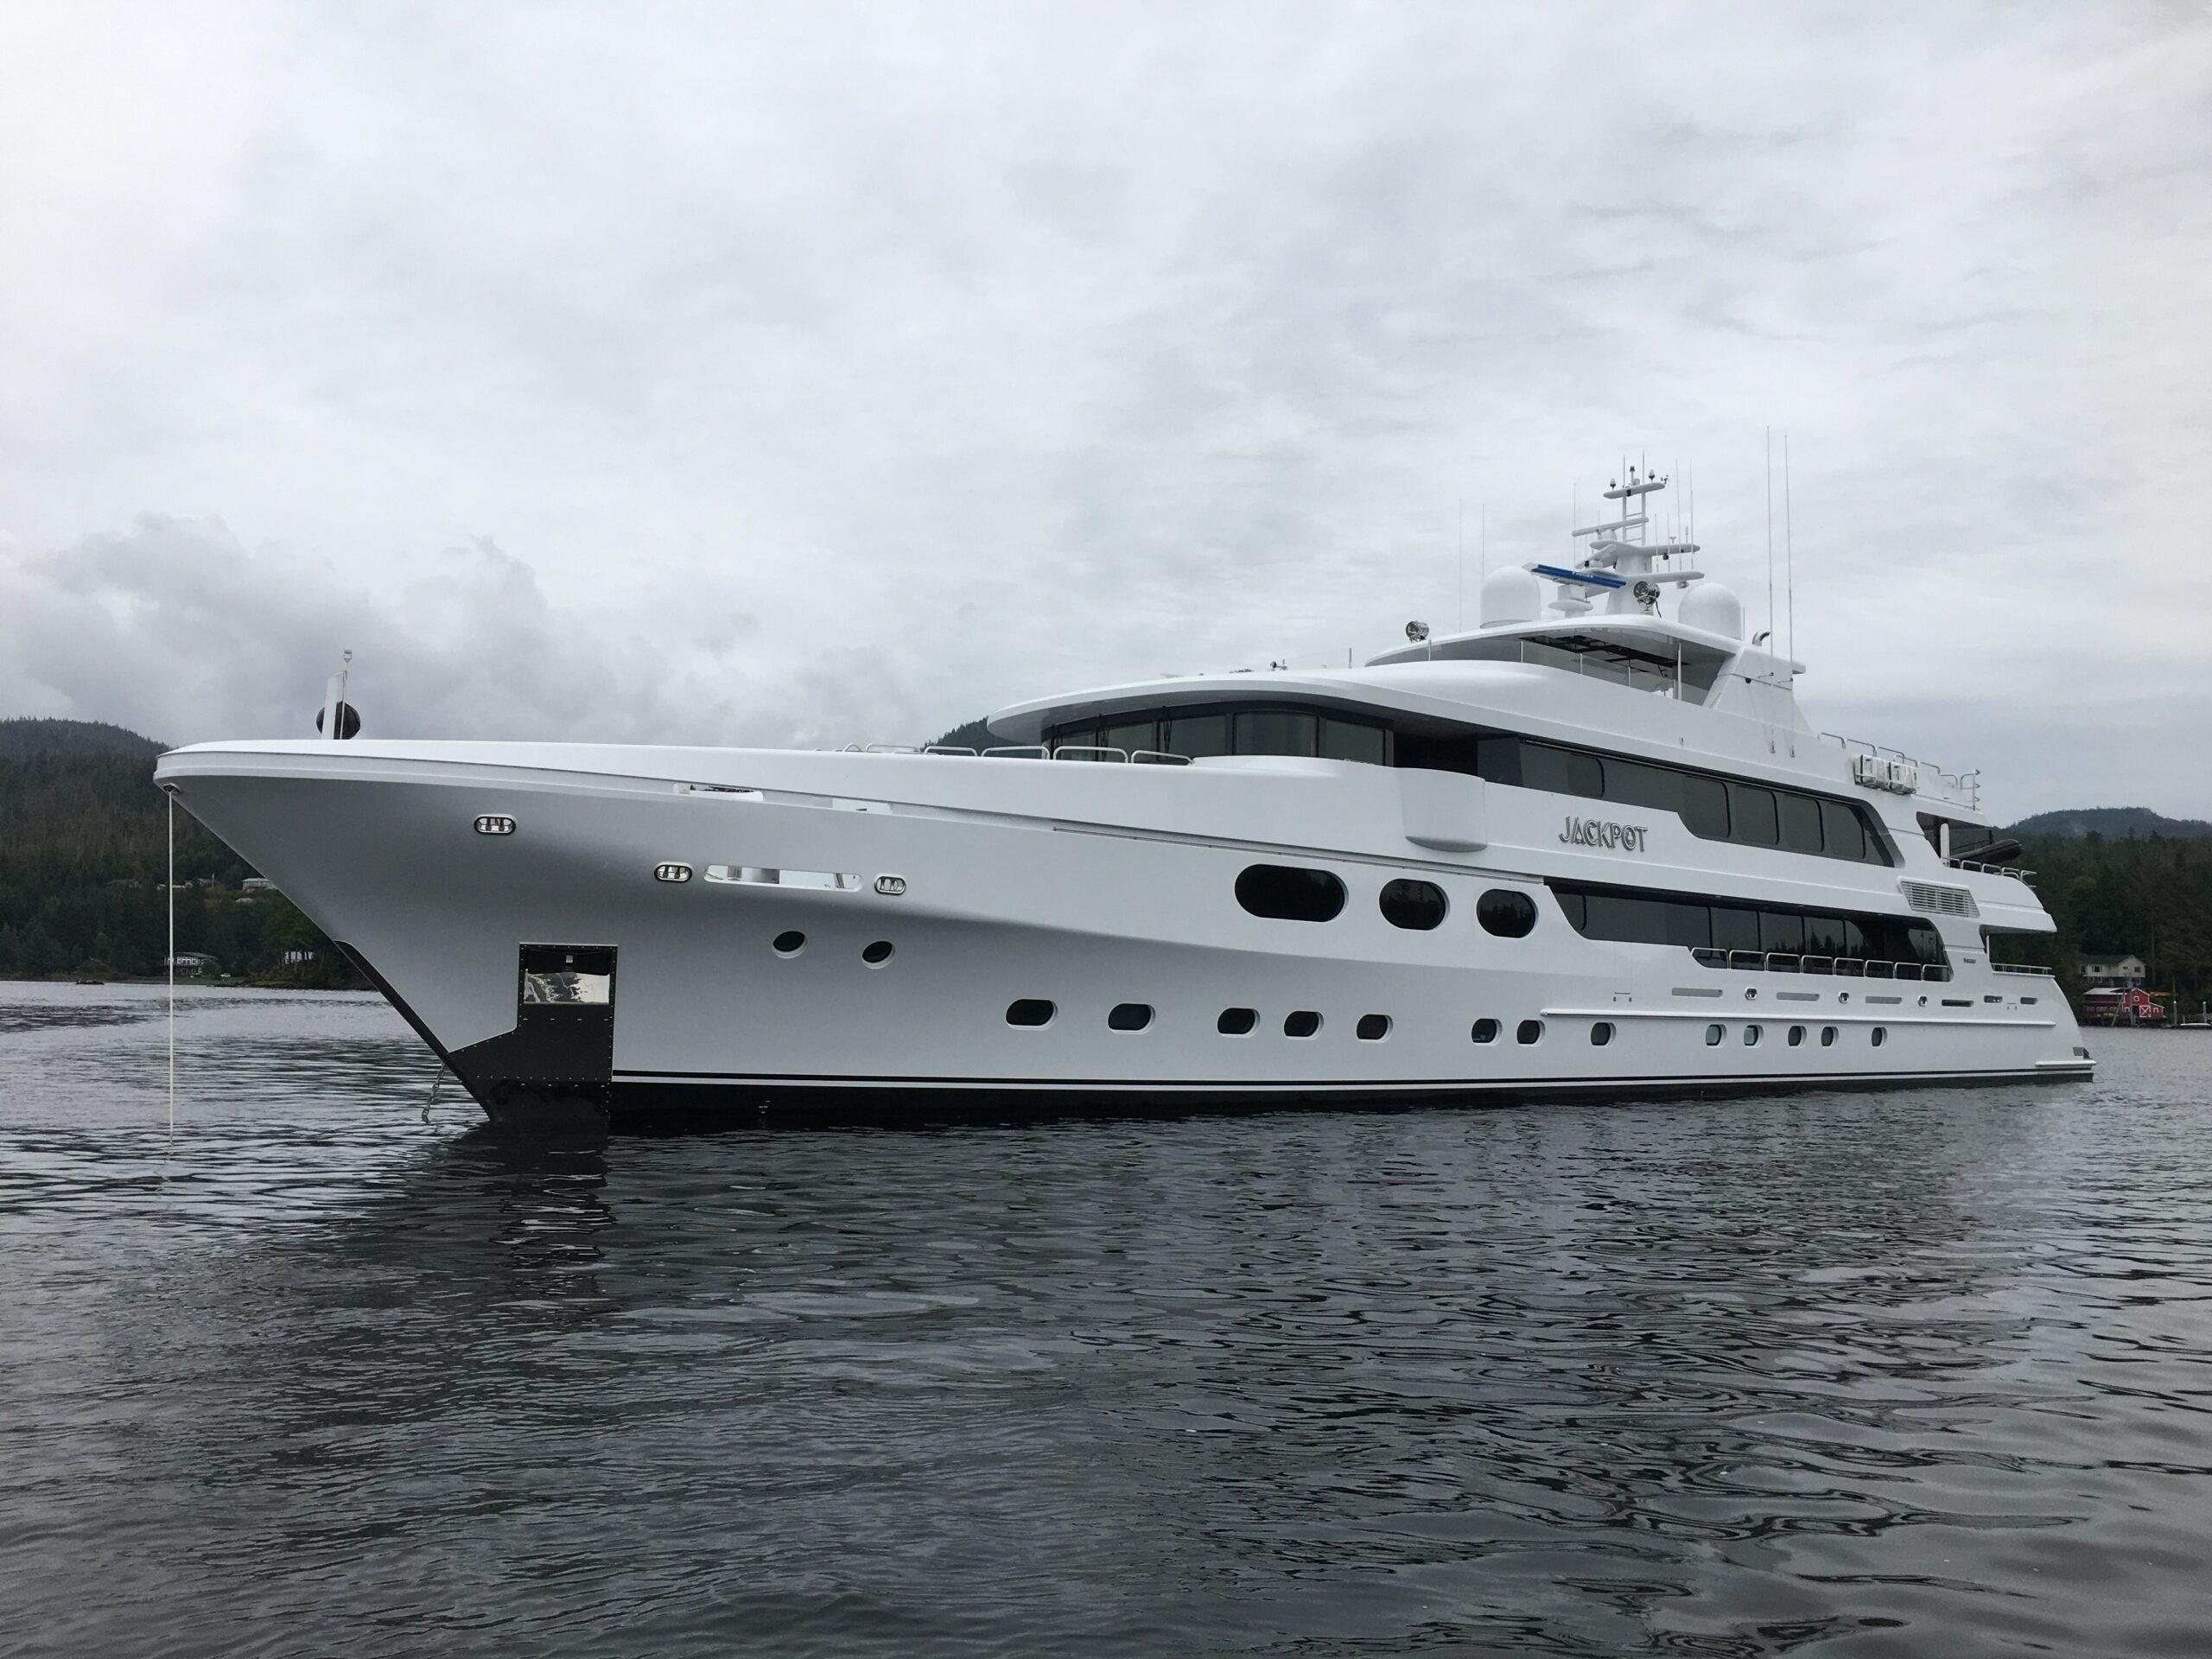 Christensen 50m motor yacht Jackpot